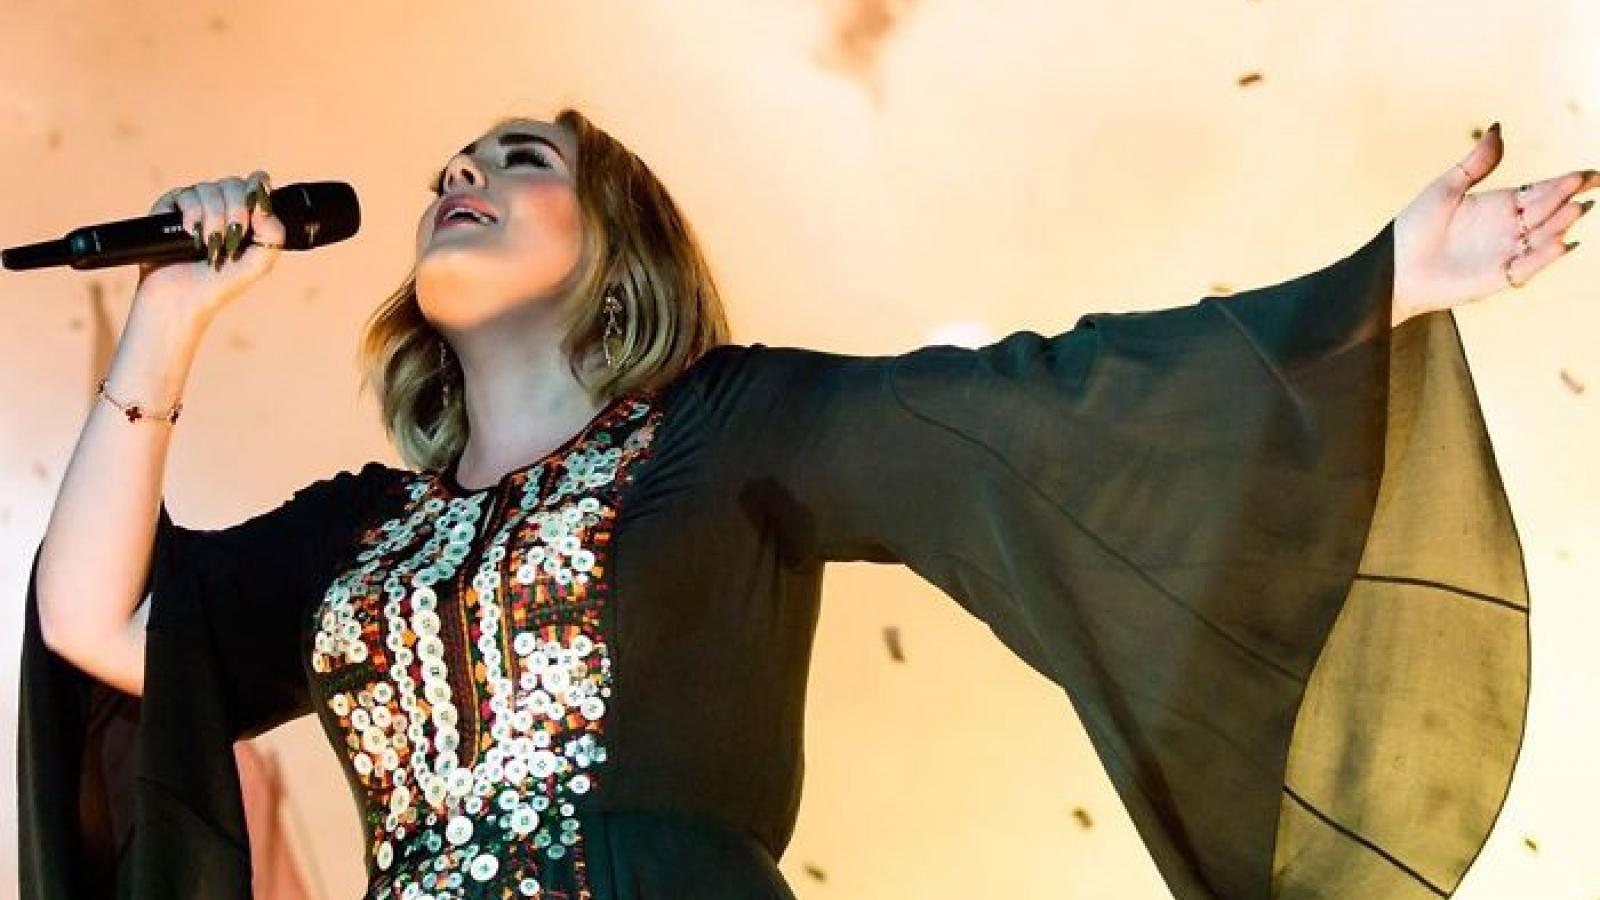 """Đằng sau màn giảm cân ngoạn mục của Adele: """"Không ai có quyền chỉ trích người khác"""""""